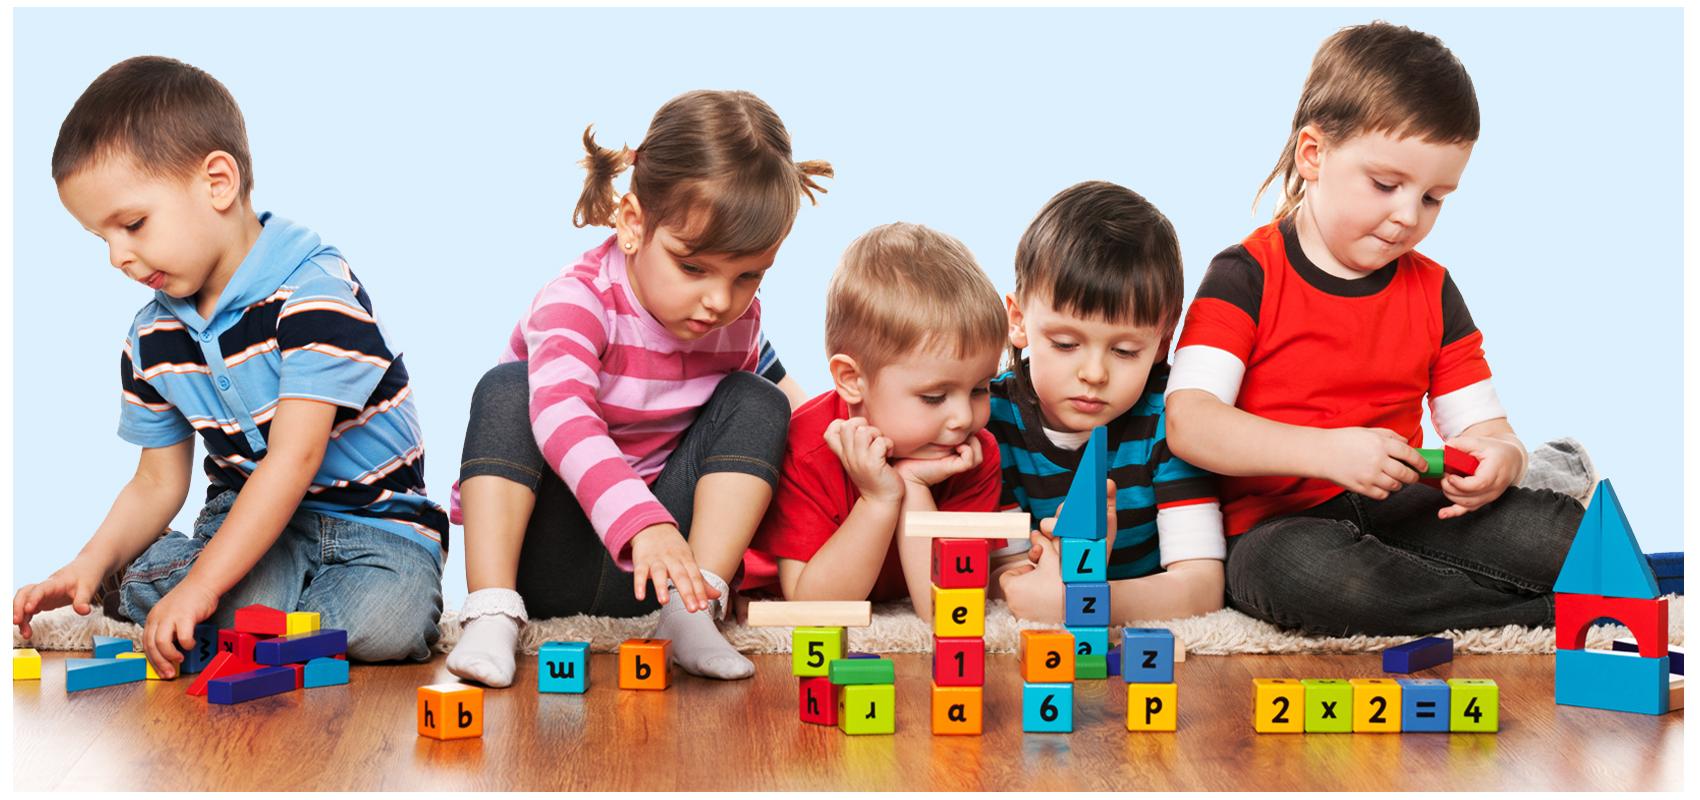 Chương trình tập huấn: Vì chơi là học